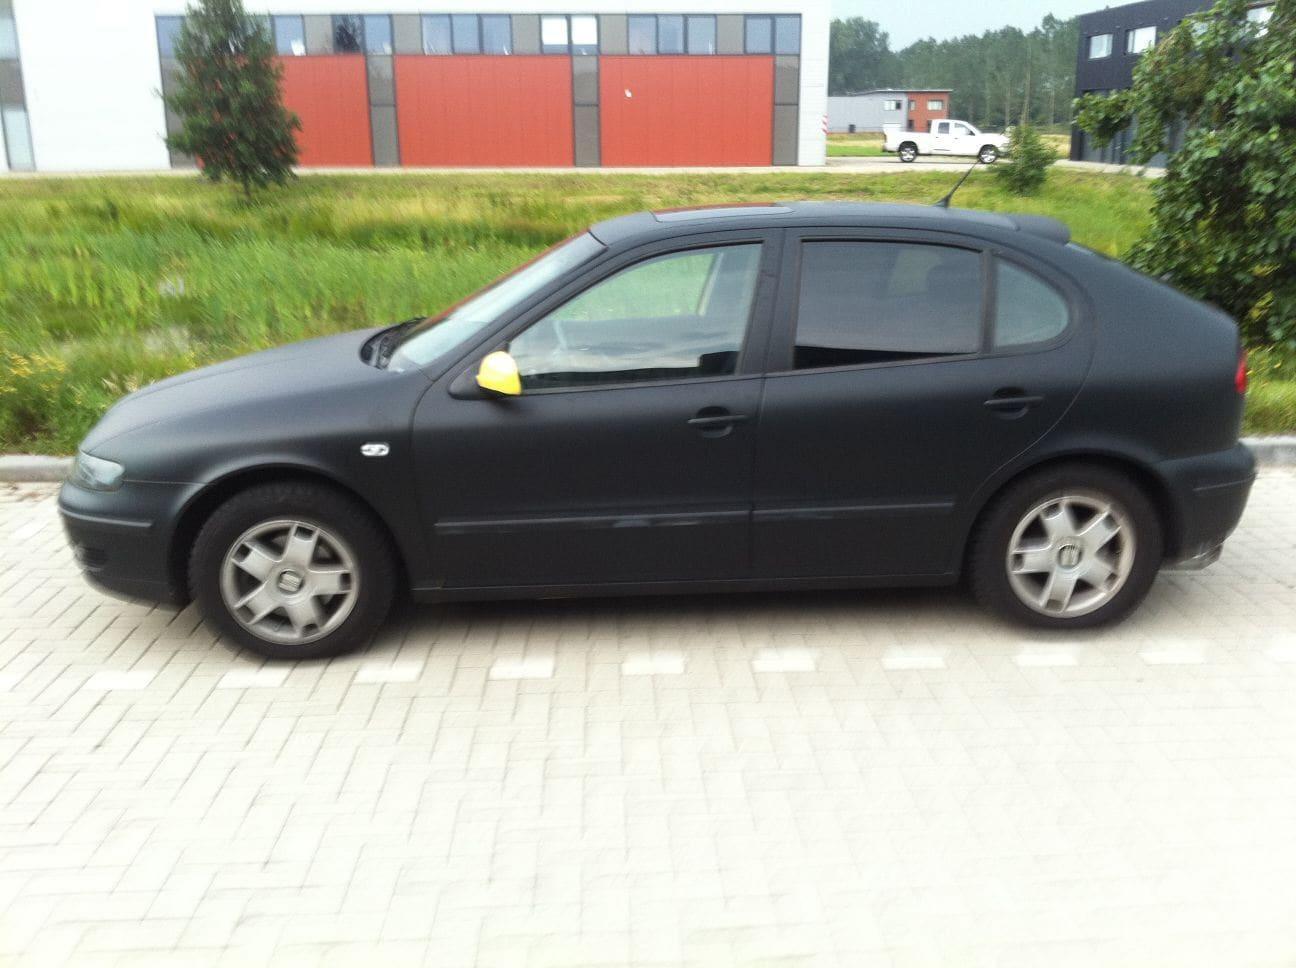 Seat Leon In Mat Zwarte Wrap